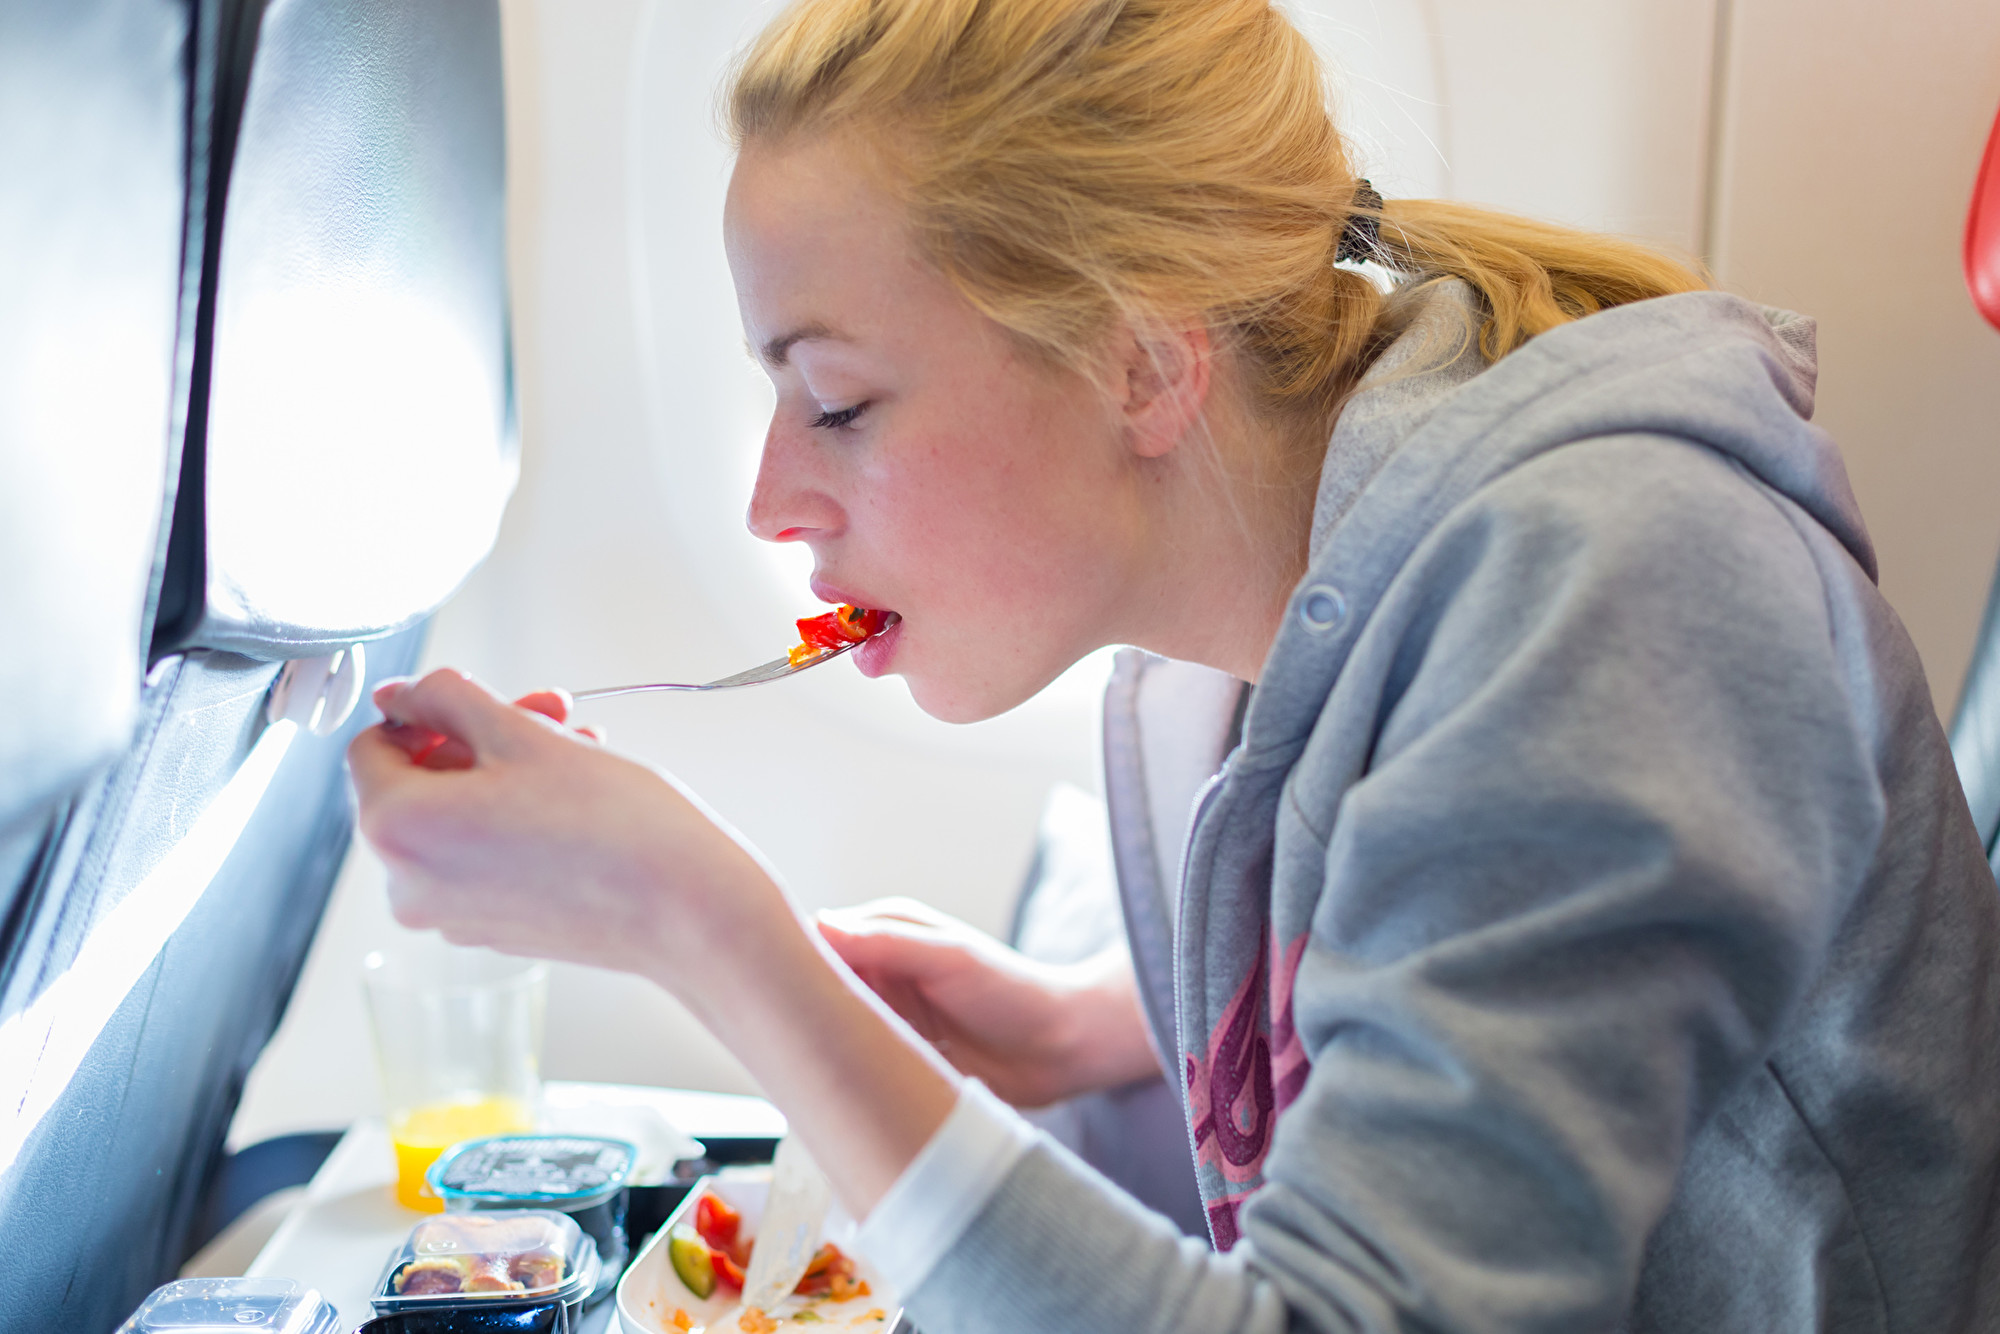 武漢肺炎疫情改變生活 現在坐飛機這樣點餐